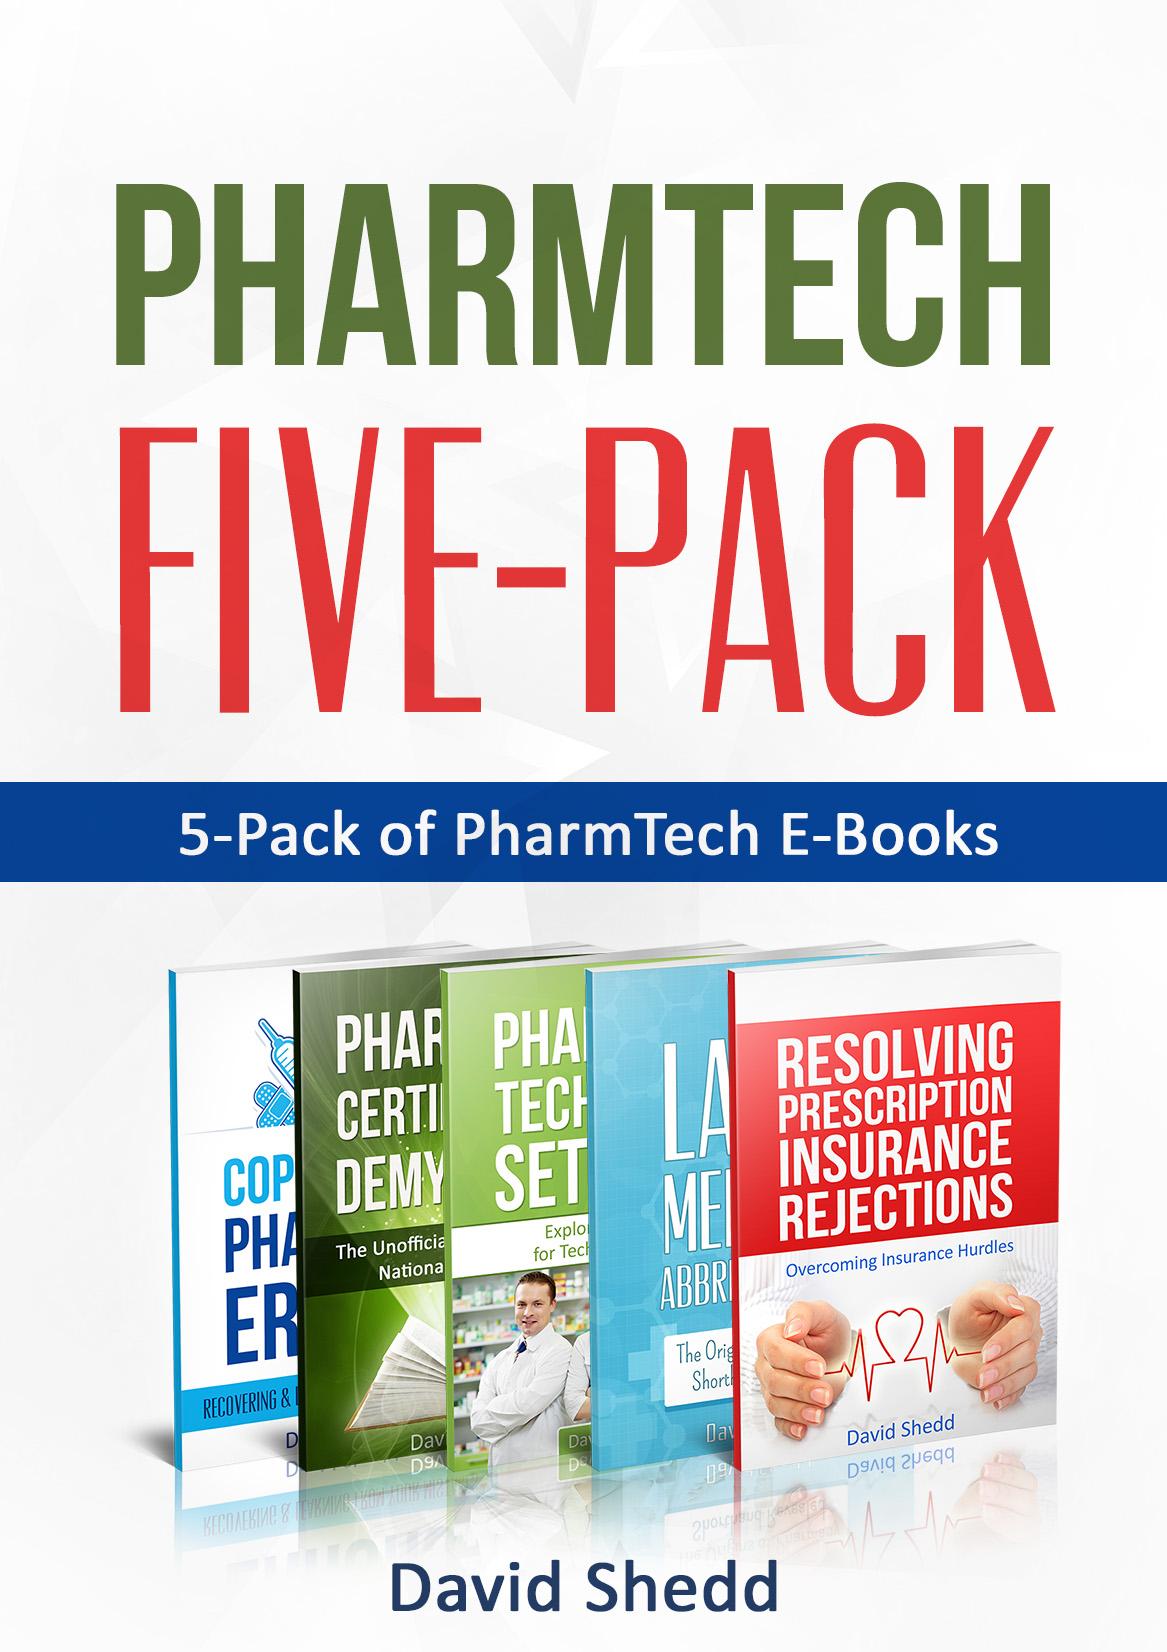 Pharmtech Five Pack